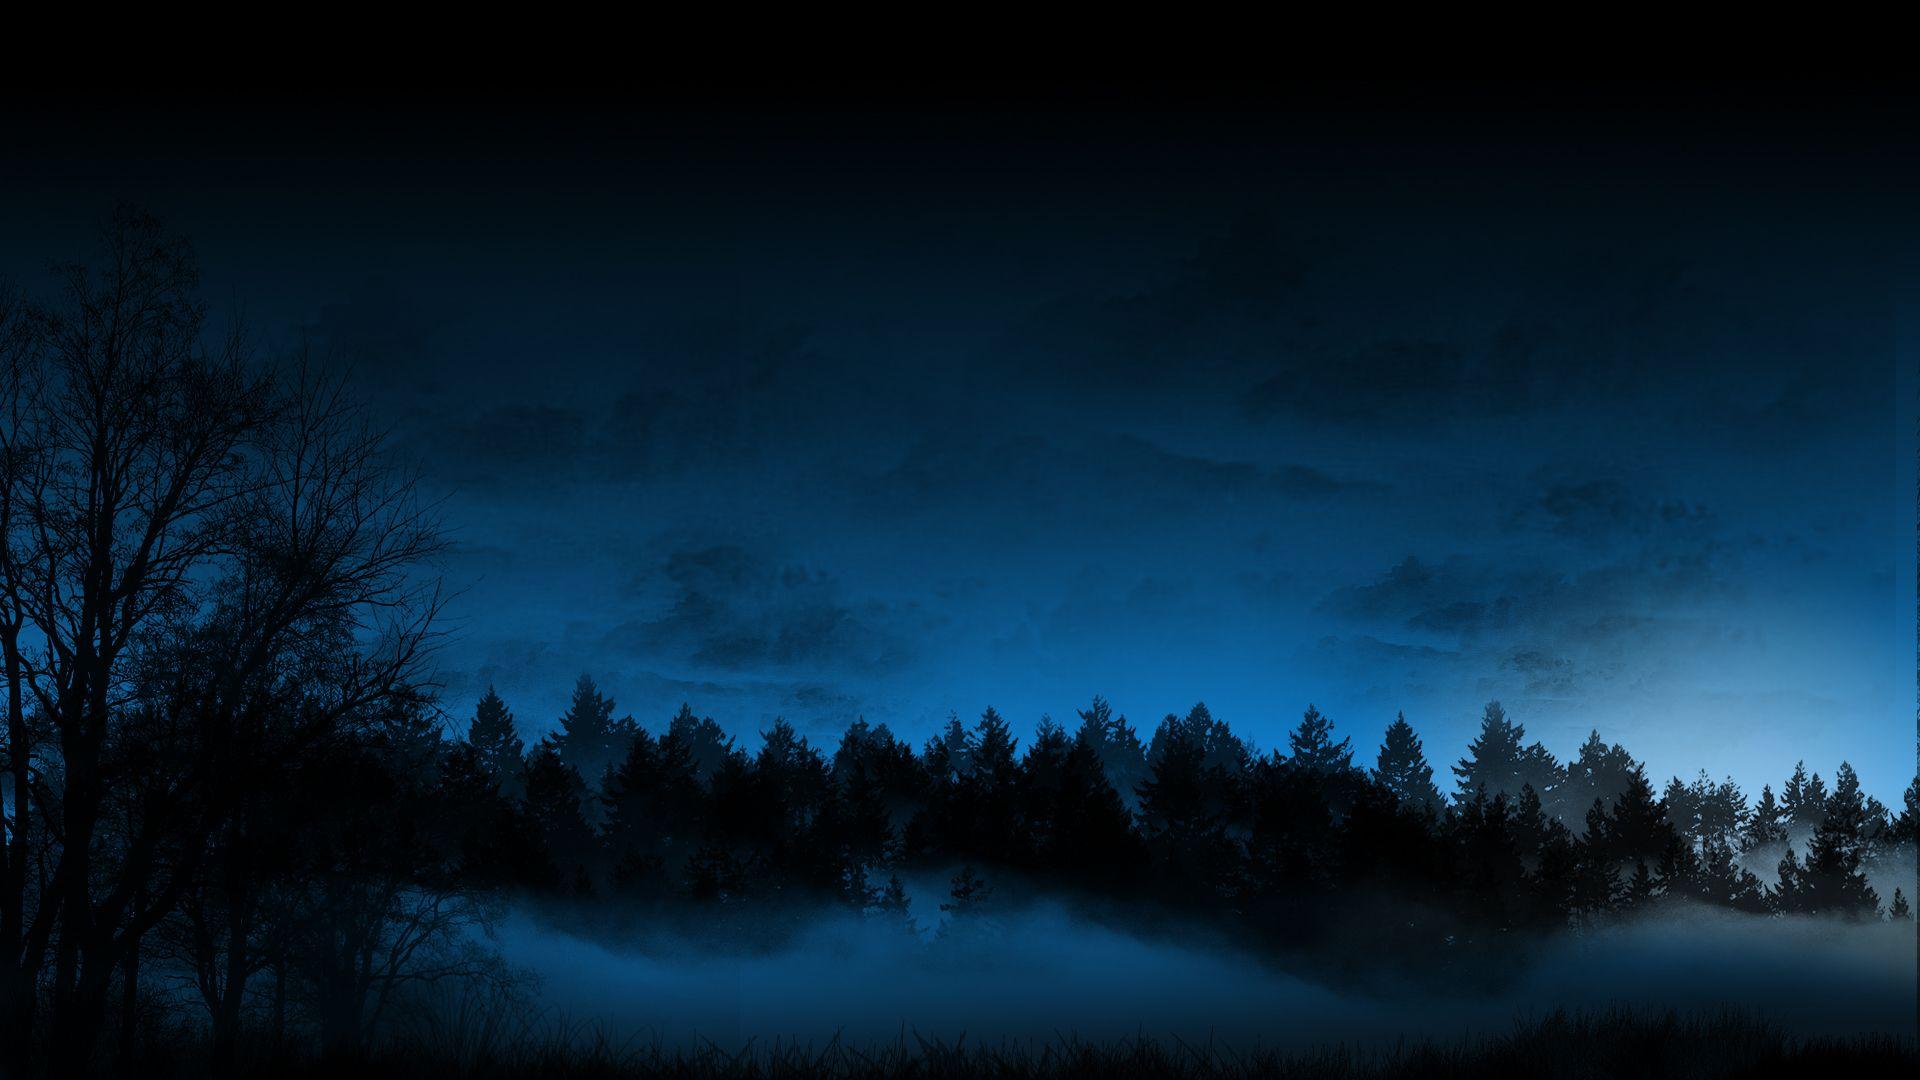 dark forest wallpaper dark background photography forest